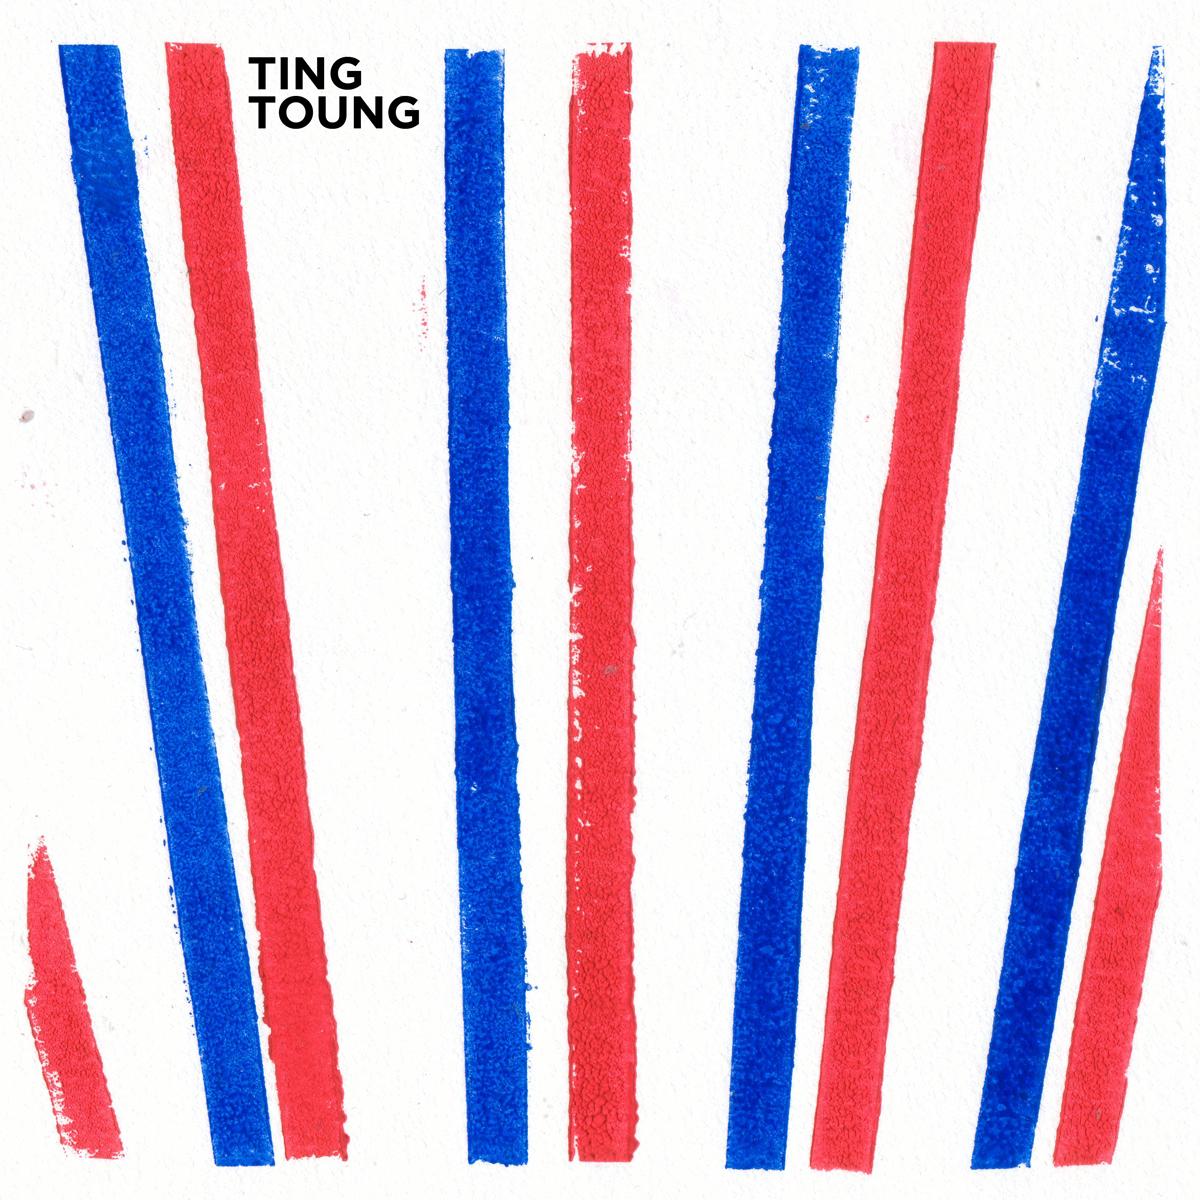 Mix | Ting Toung.